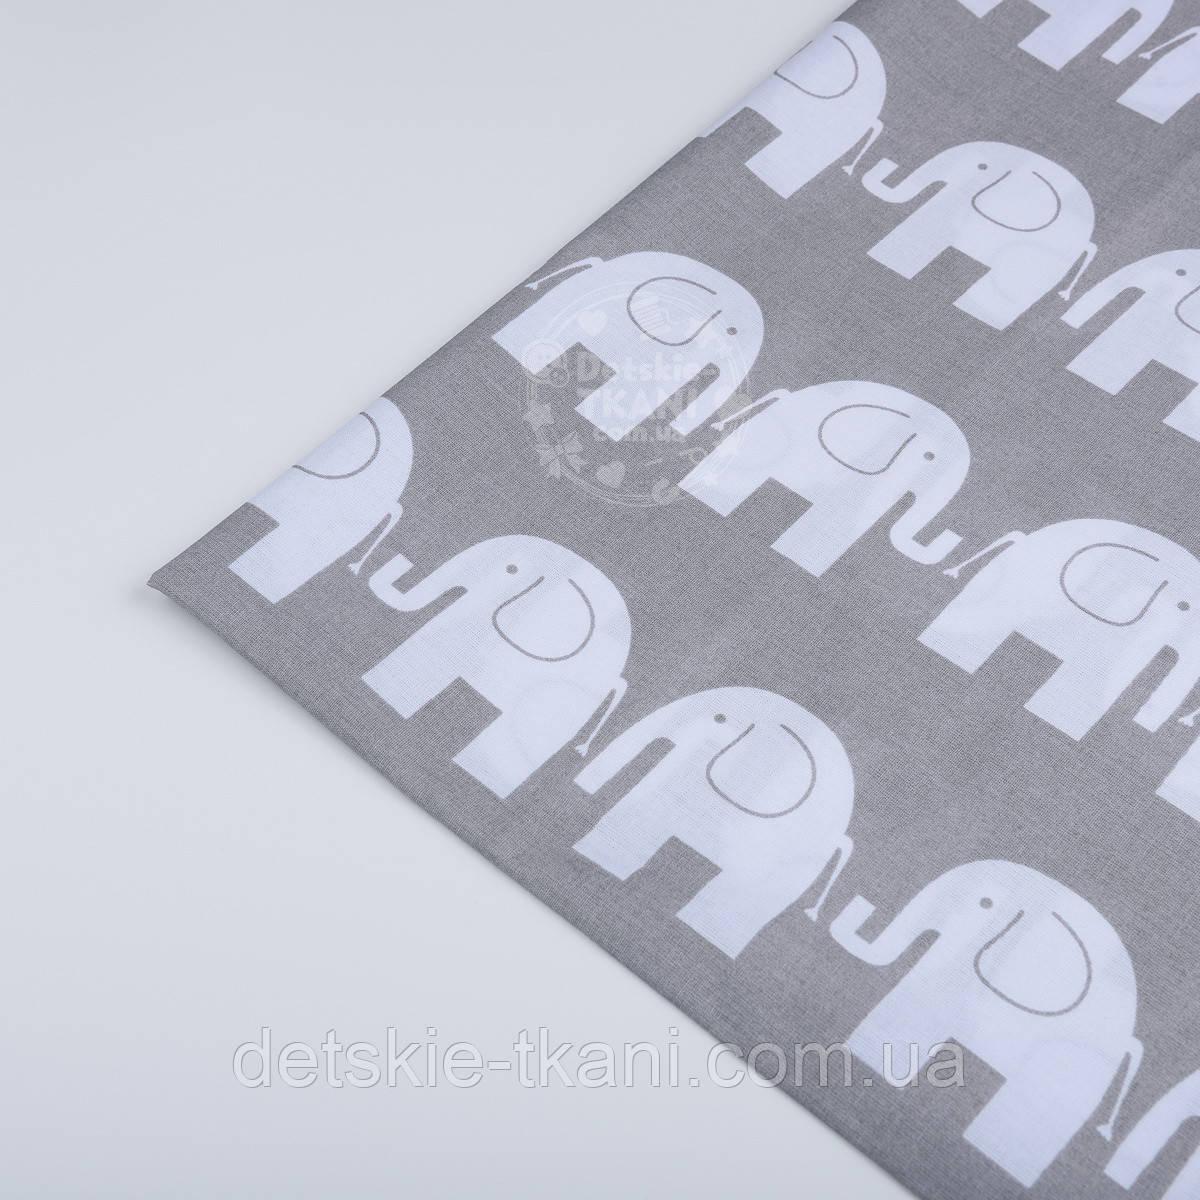 Отрез ткани №17  серого цвета с изображением белых слоников